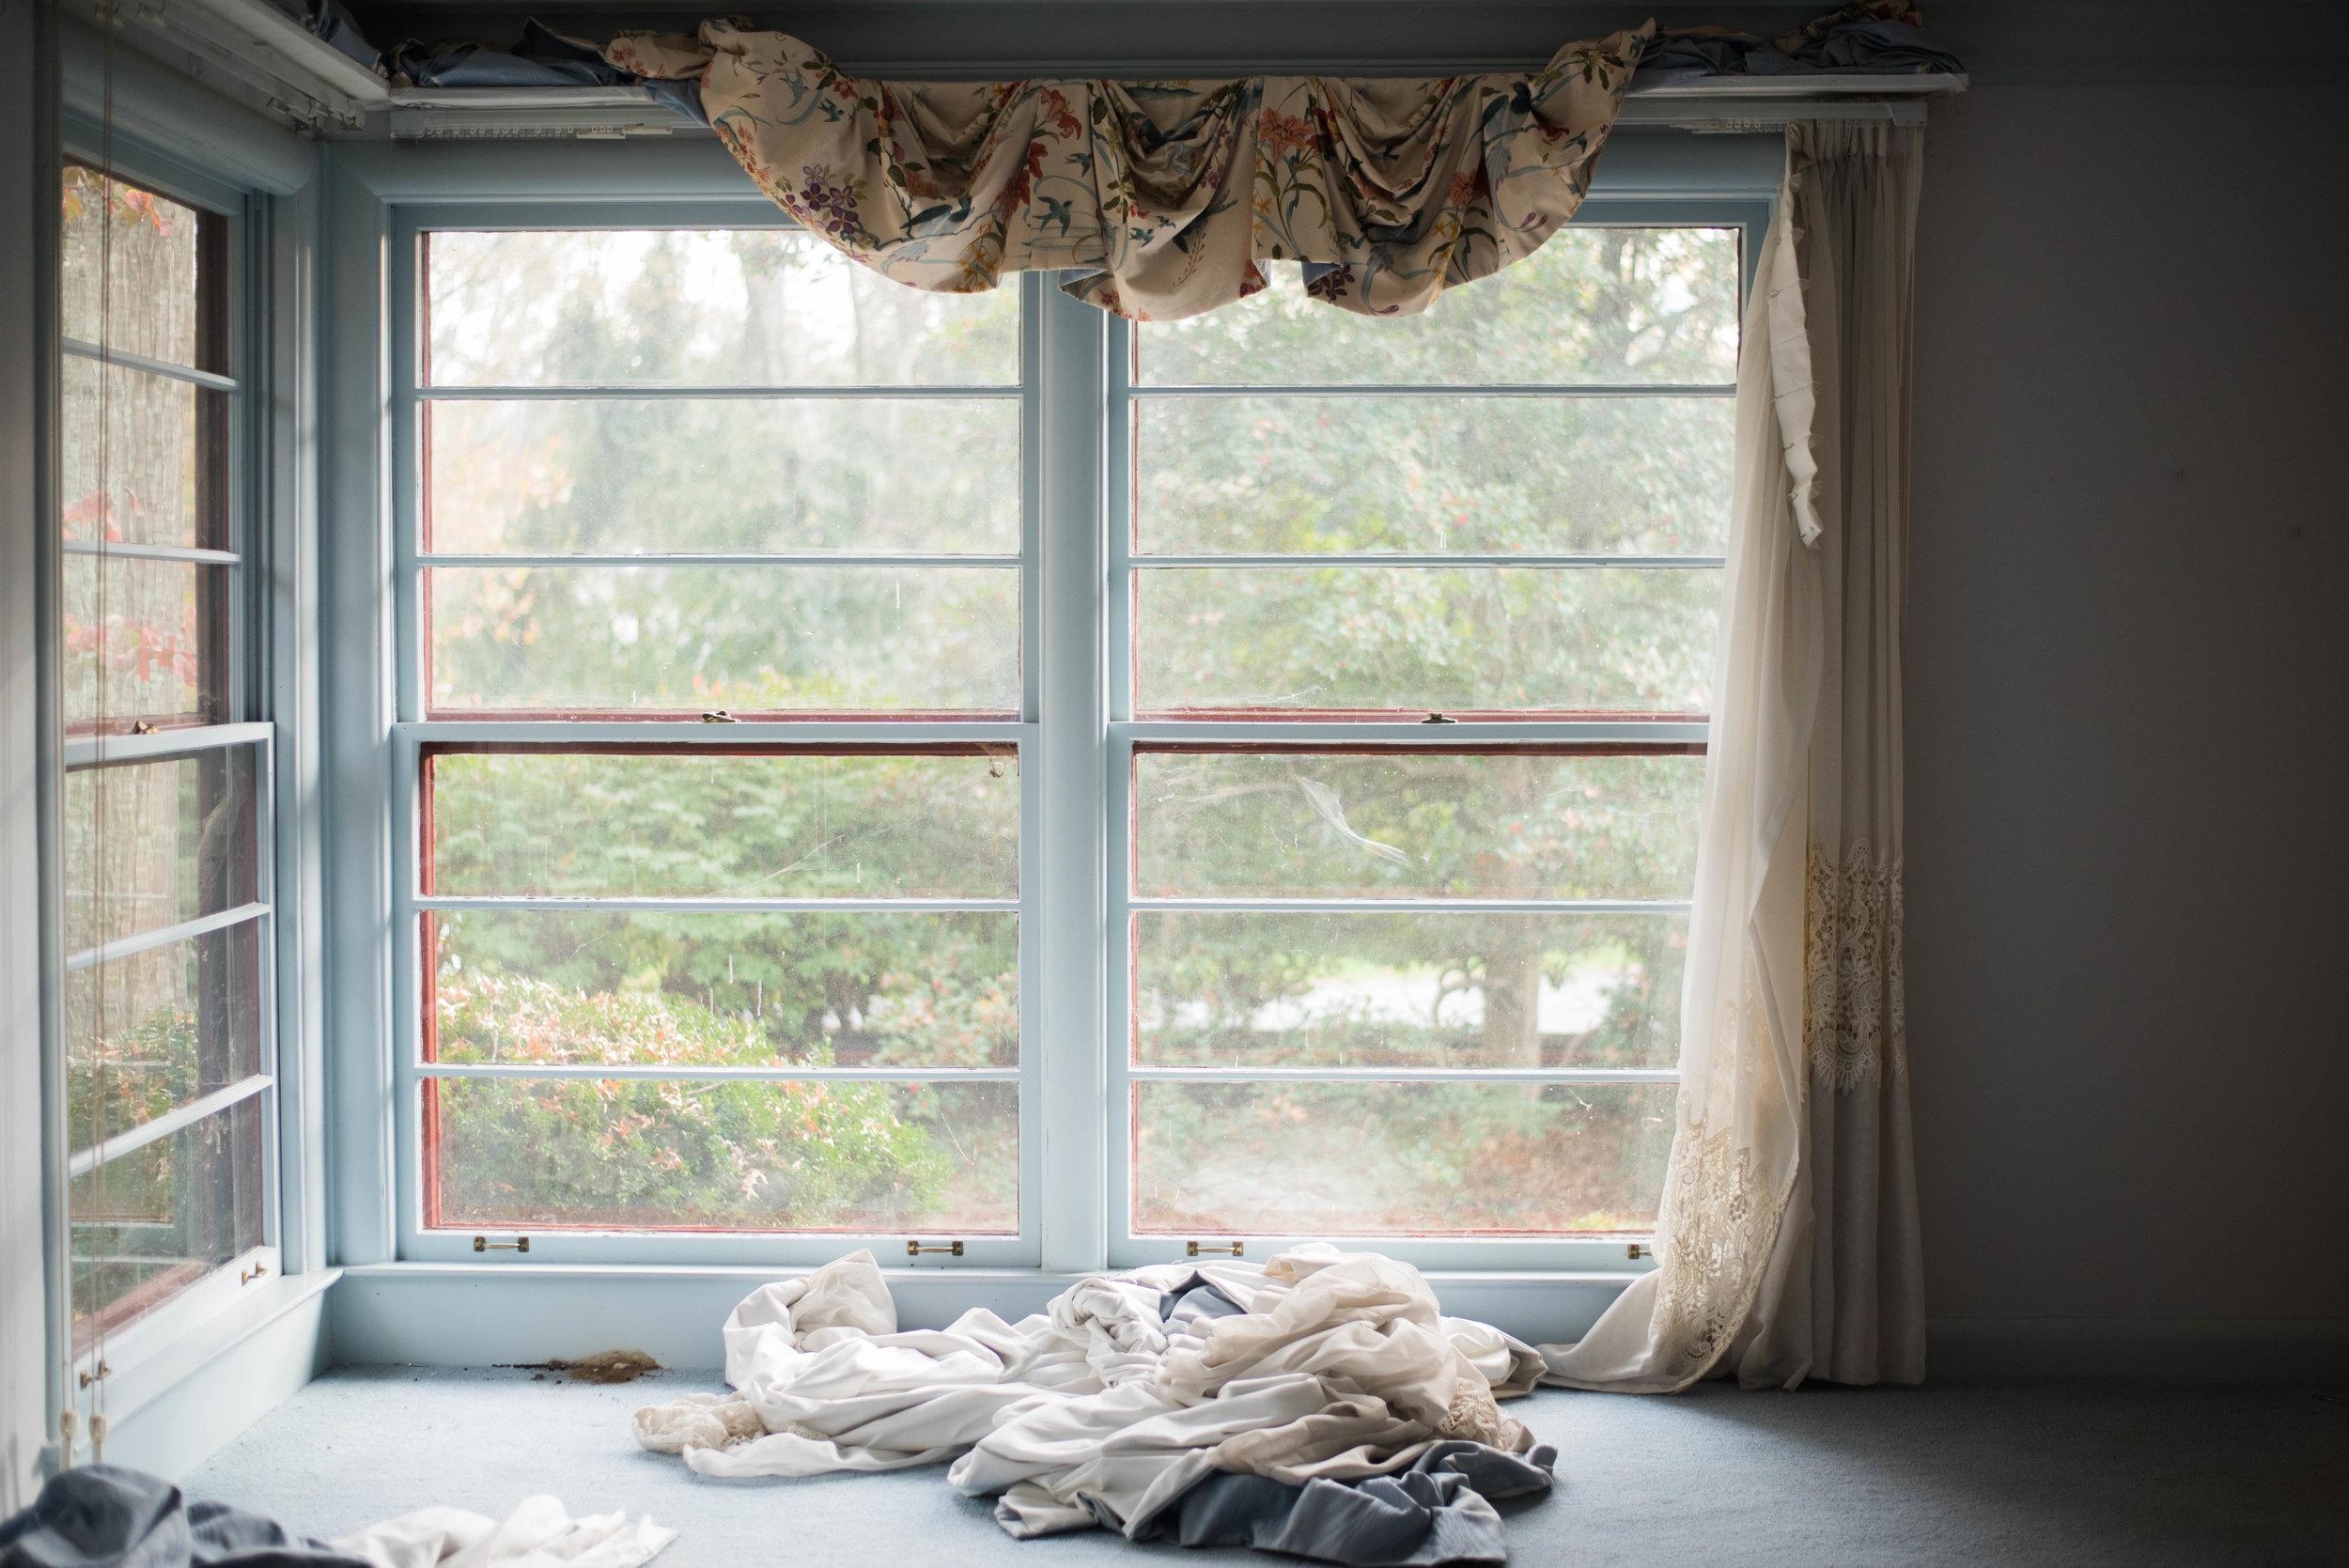 Untitled, Rachel Van Doren